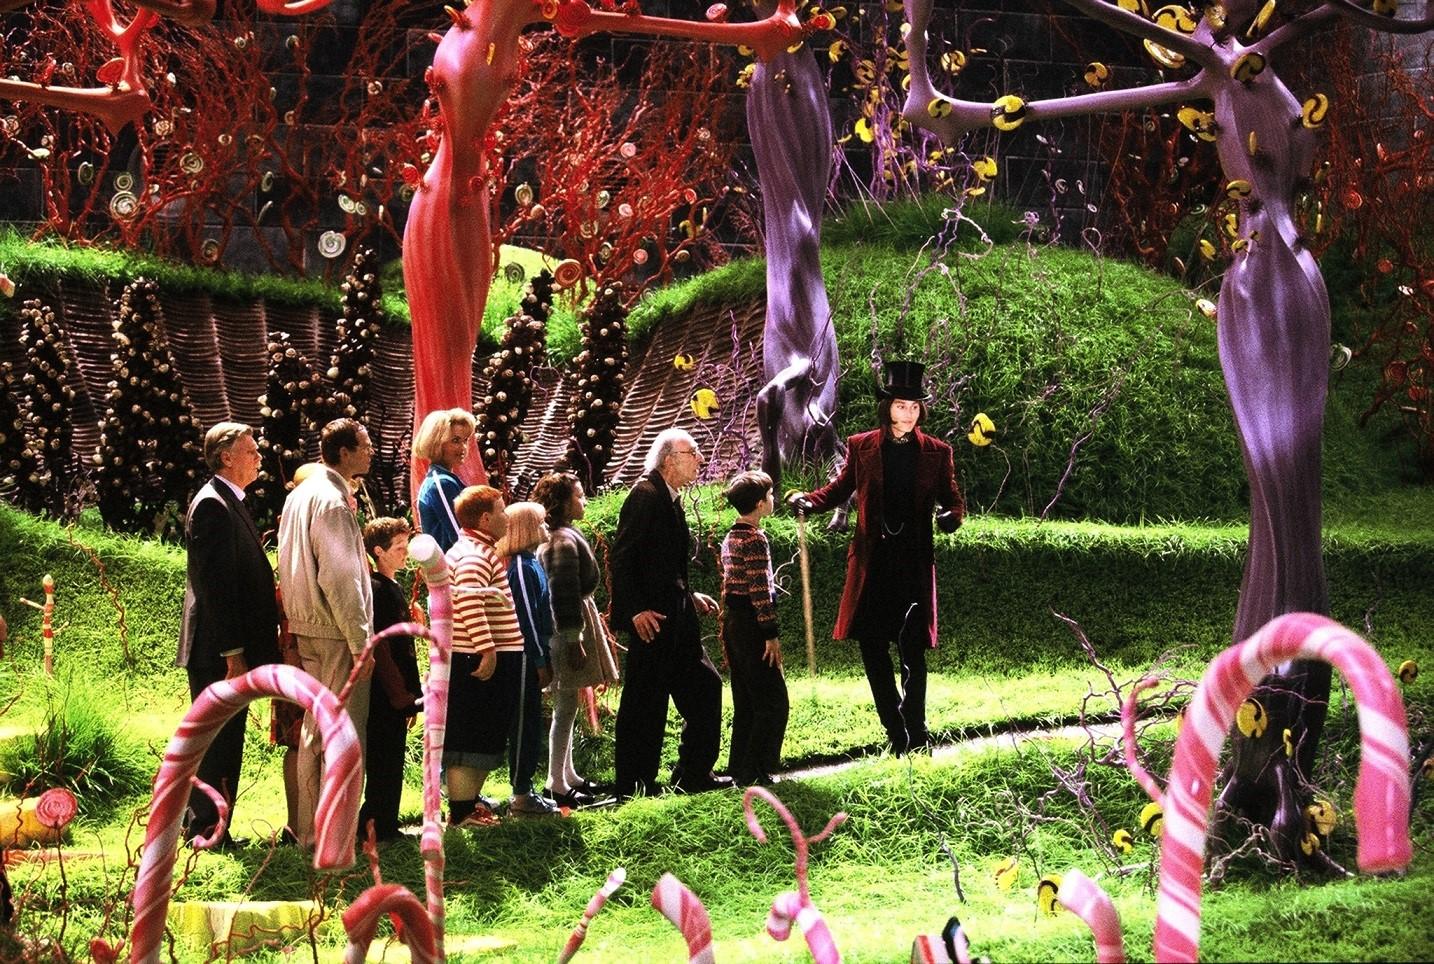 Najpiękniejsze ogrody z filmów - Charlie i fabryka czekolady